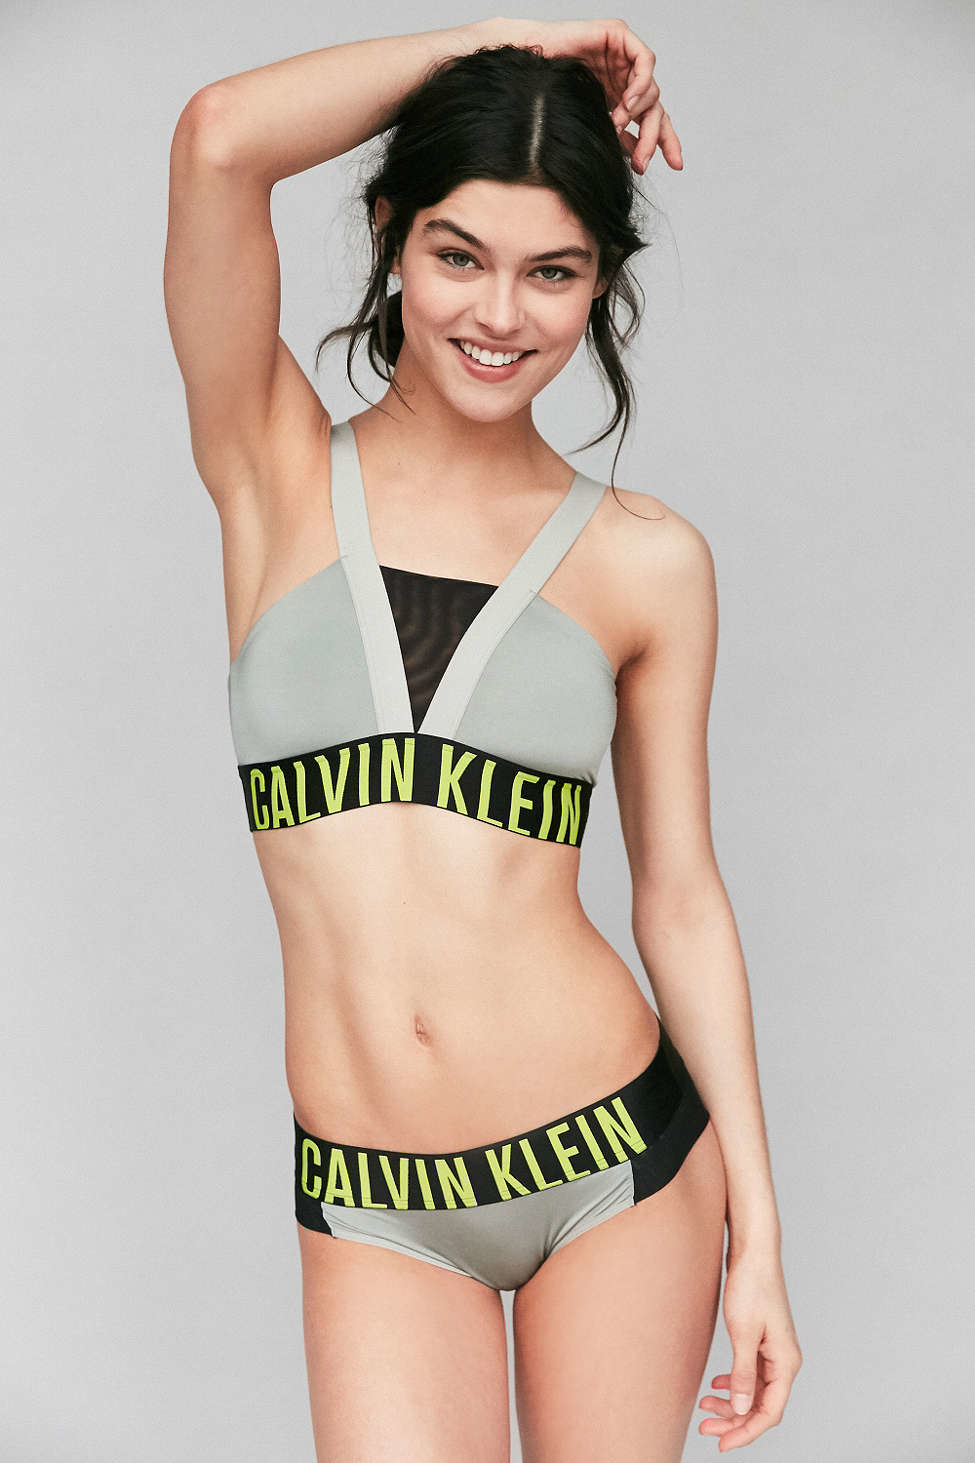 b3c75c2d27888 Lyst - Calvin Klein Intense Power Bralette in Black